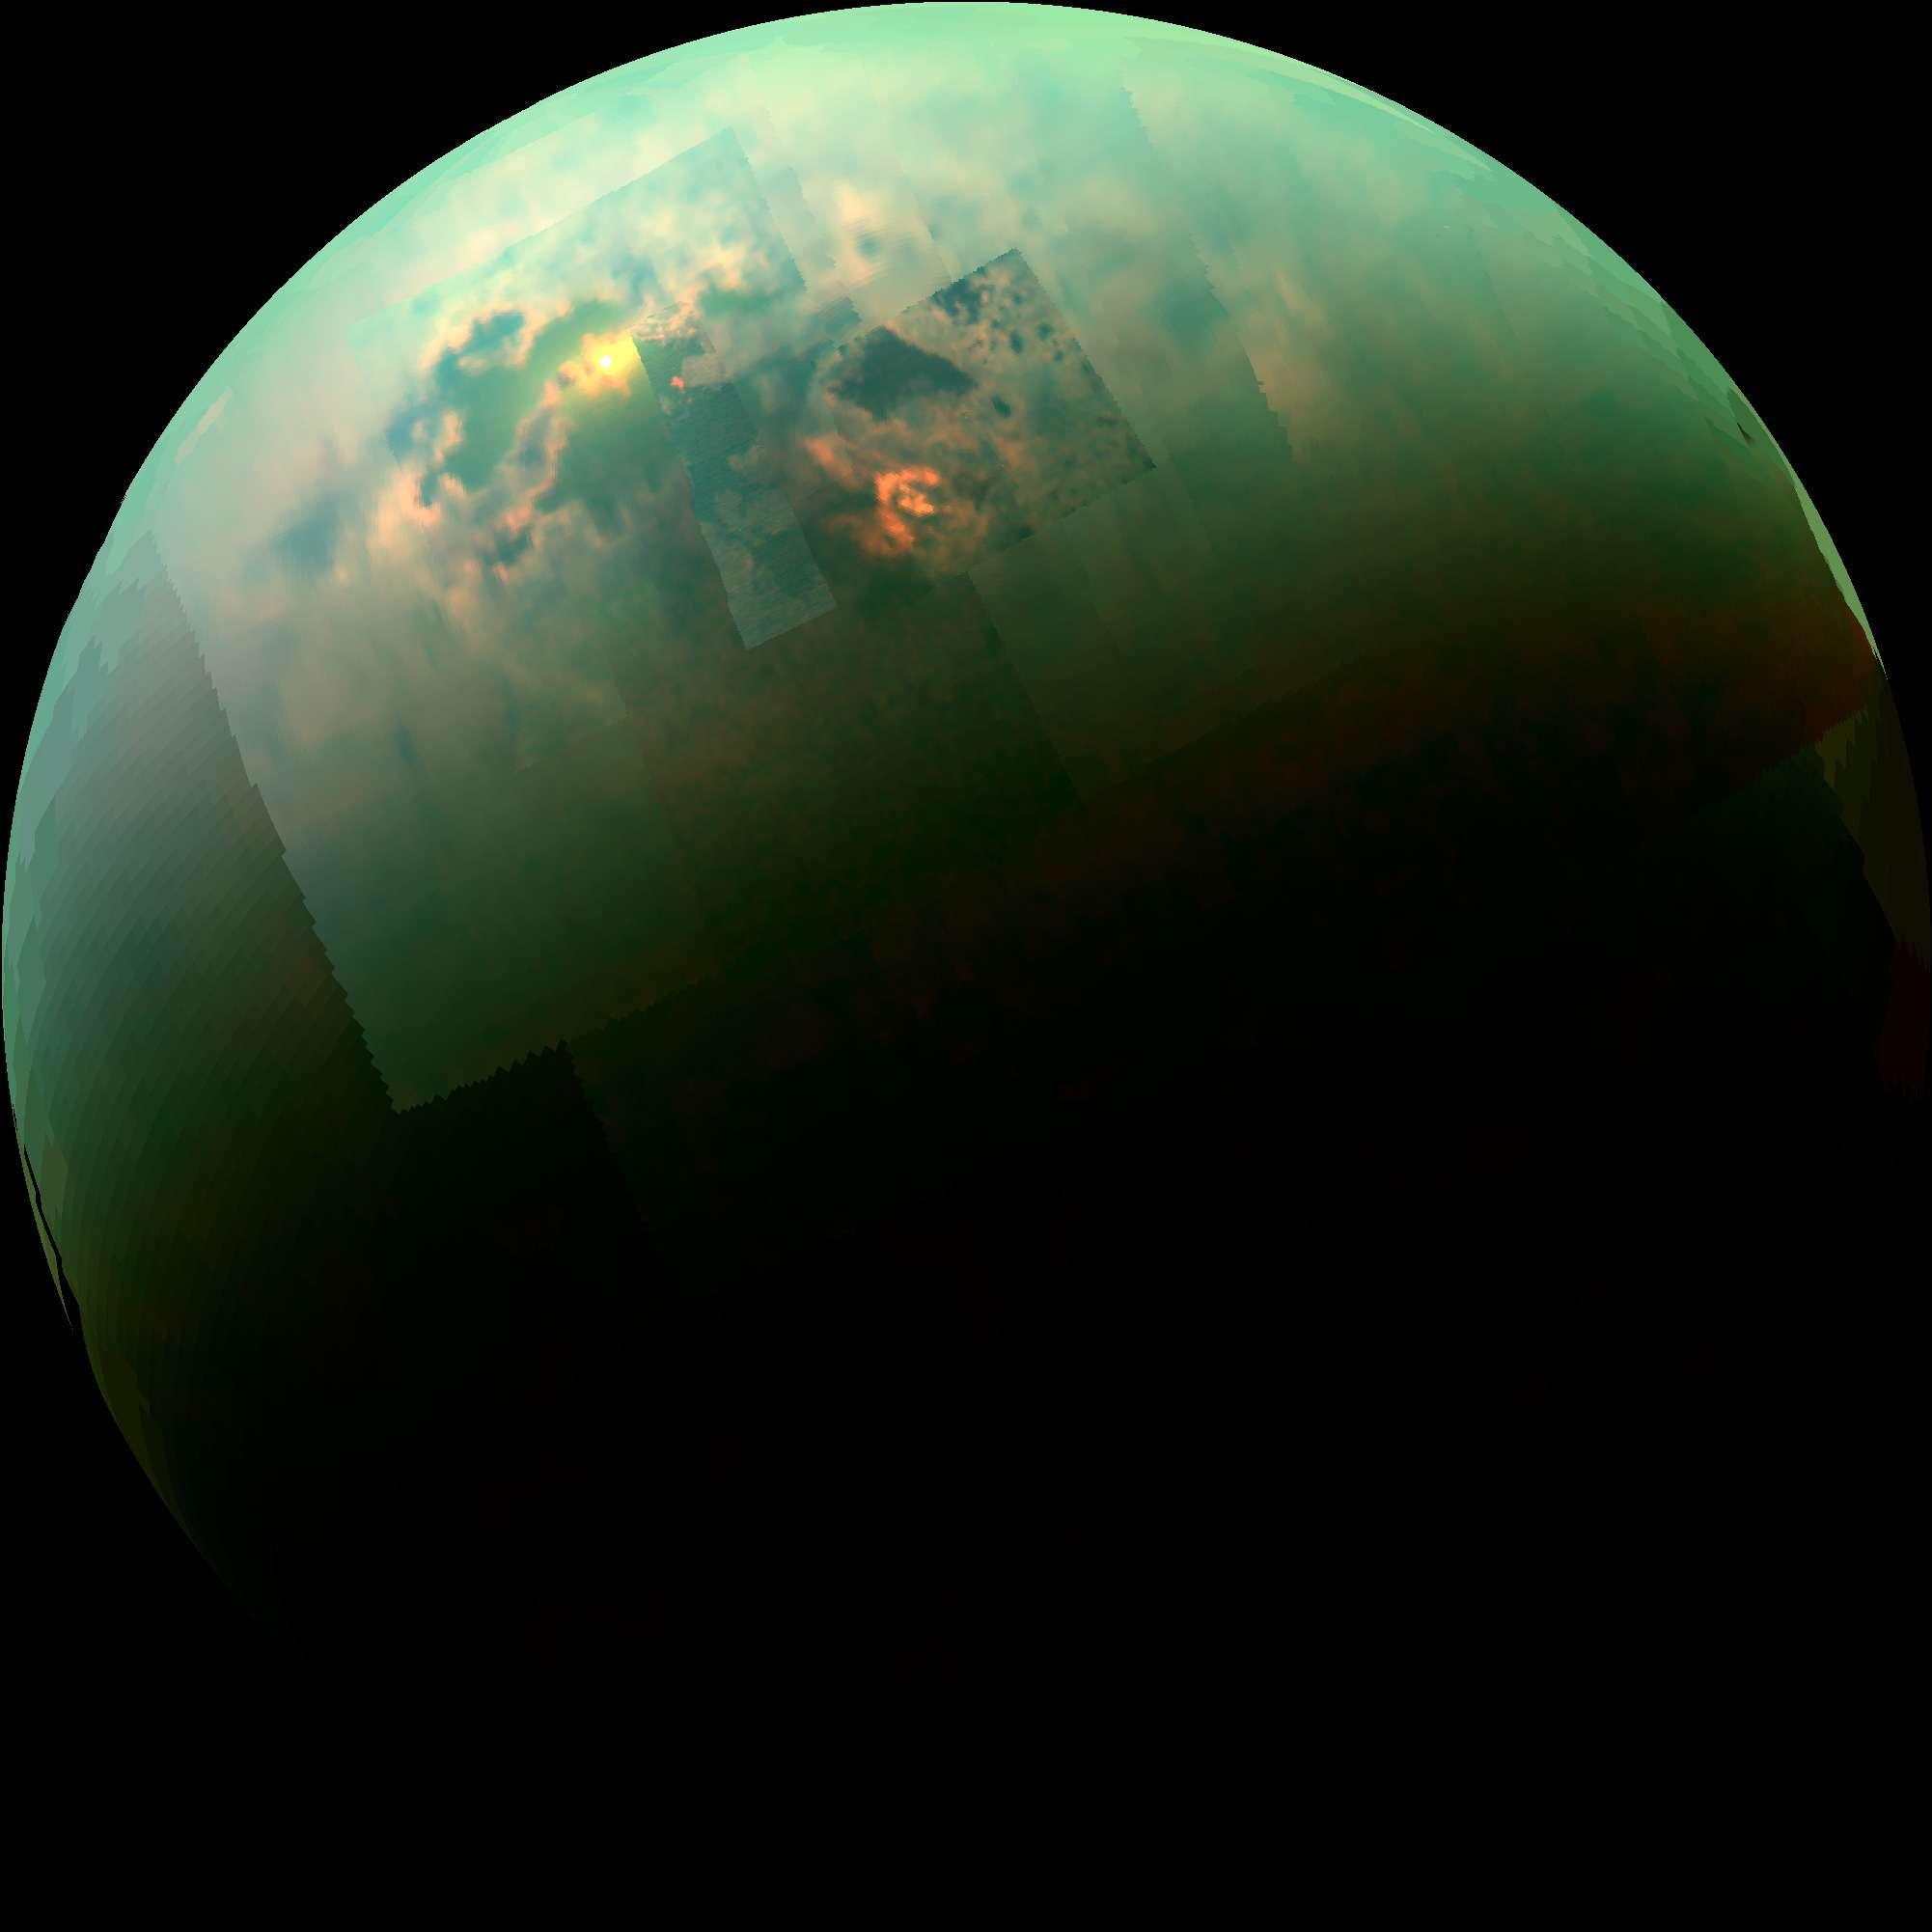 La nave espacial Cassini de la NASA tomó una fotografía de Titán, la luna más grande de Saturno y con una atmósfera rica en metano. En la imagen se puede apreciar el reflejo de la luz del Sol en los mares de hidrocarburos. Foto: NASA/JPL-Caltech/University of Arizona/University of Idaho